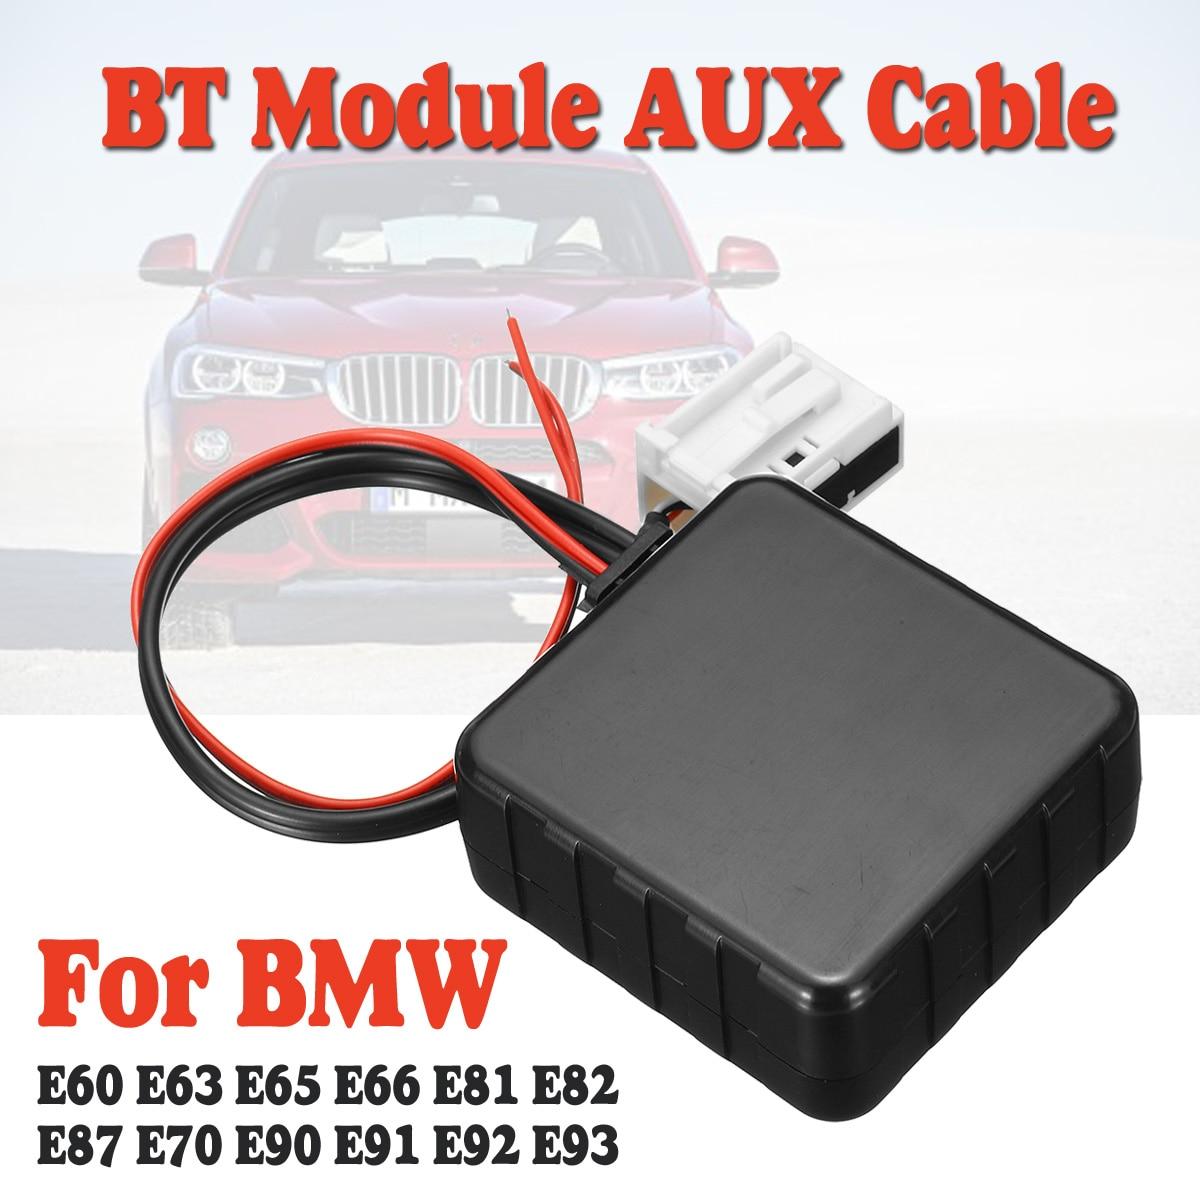 12 В Автомобильный bluetooth 5,0 Модуль AUX кабель адаптер аудио Радио Стерео AUX IN для BMW E60 E66 E70 E82 E87 E90 E92|Автомобильный комплект Bluetooth|   | АлиЭкспресс